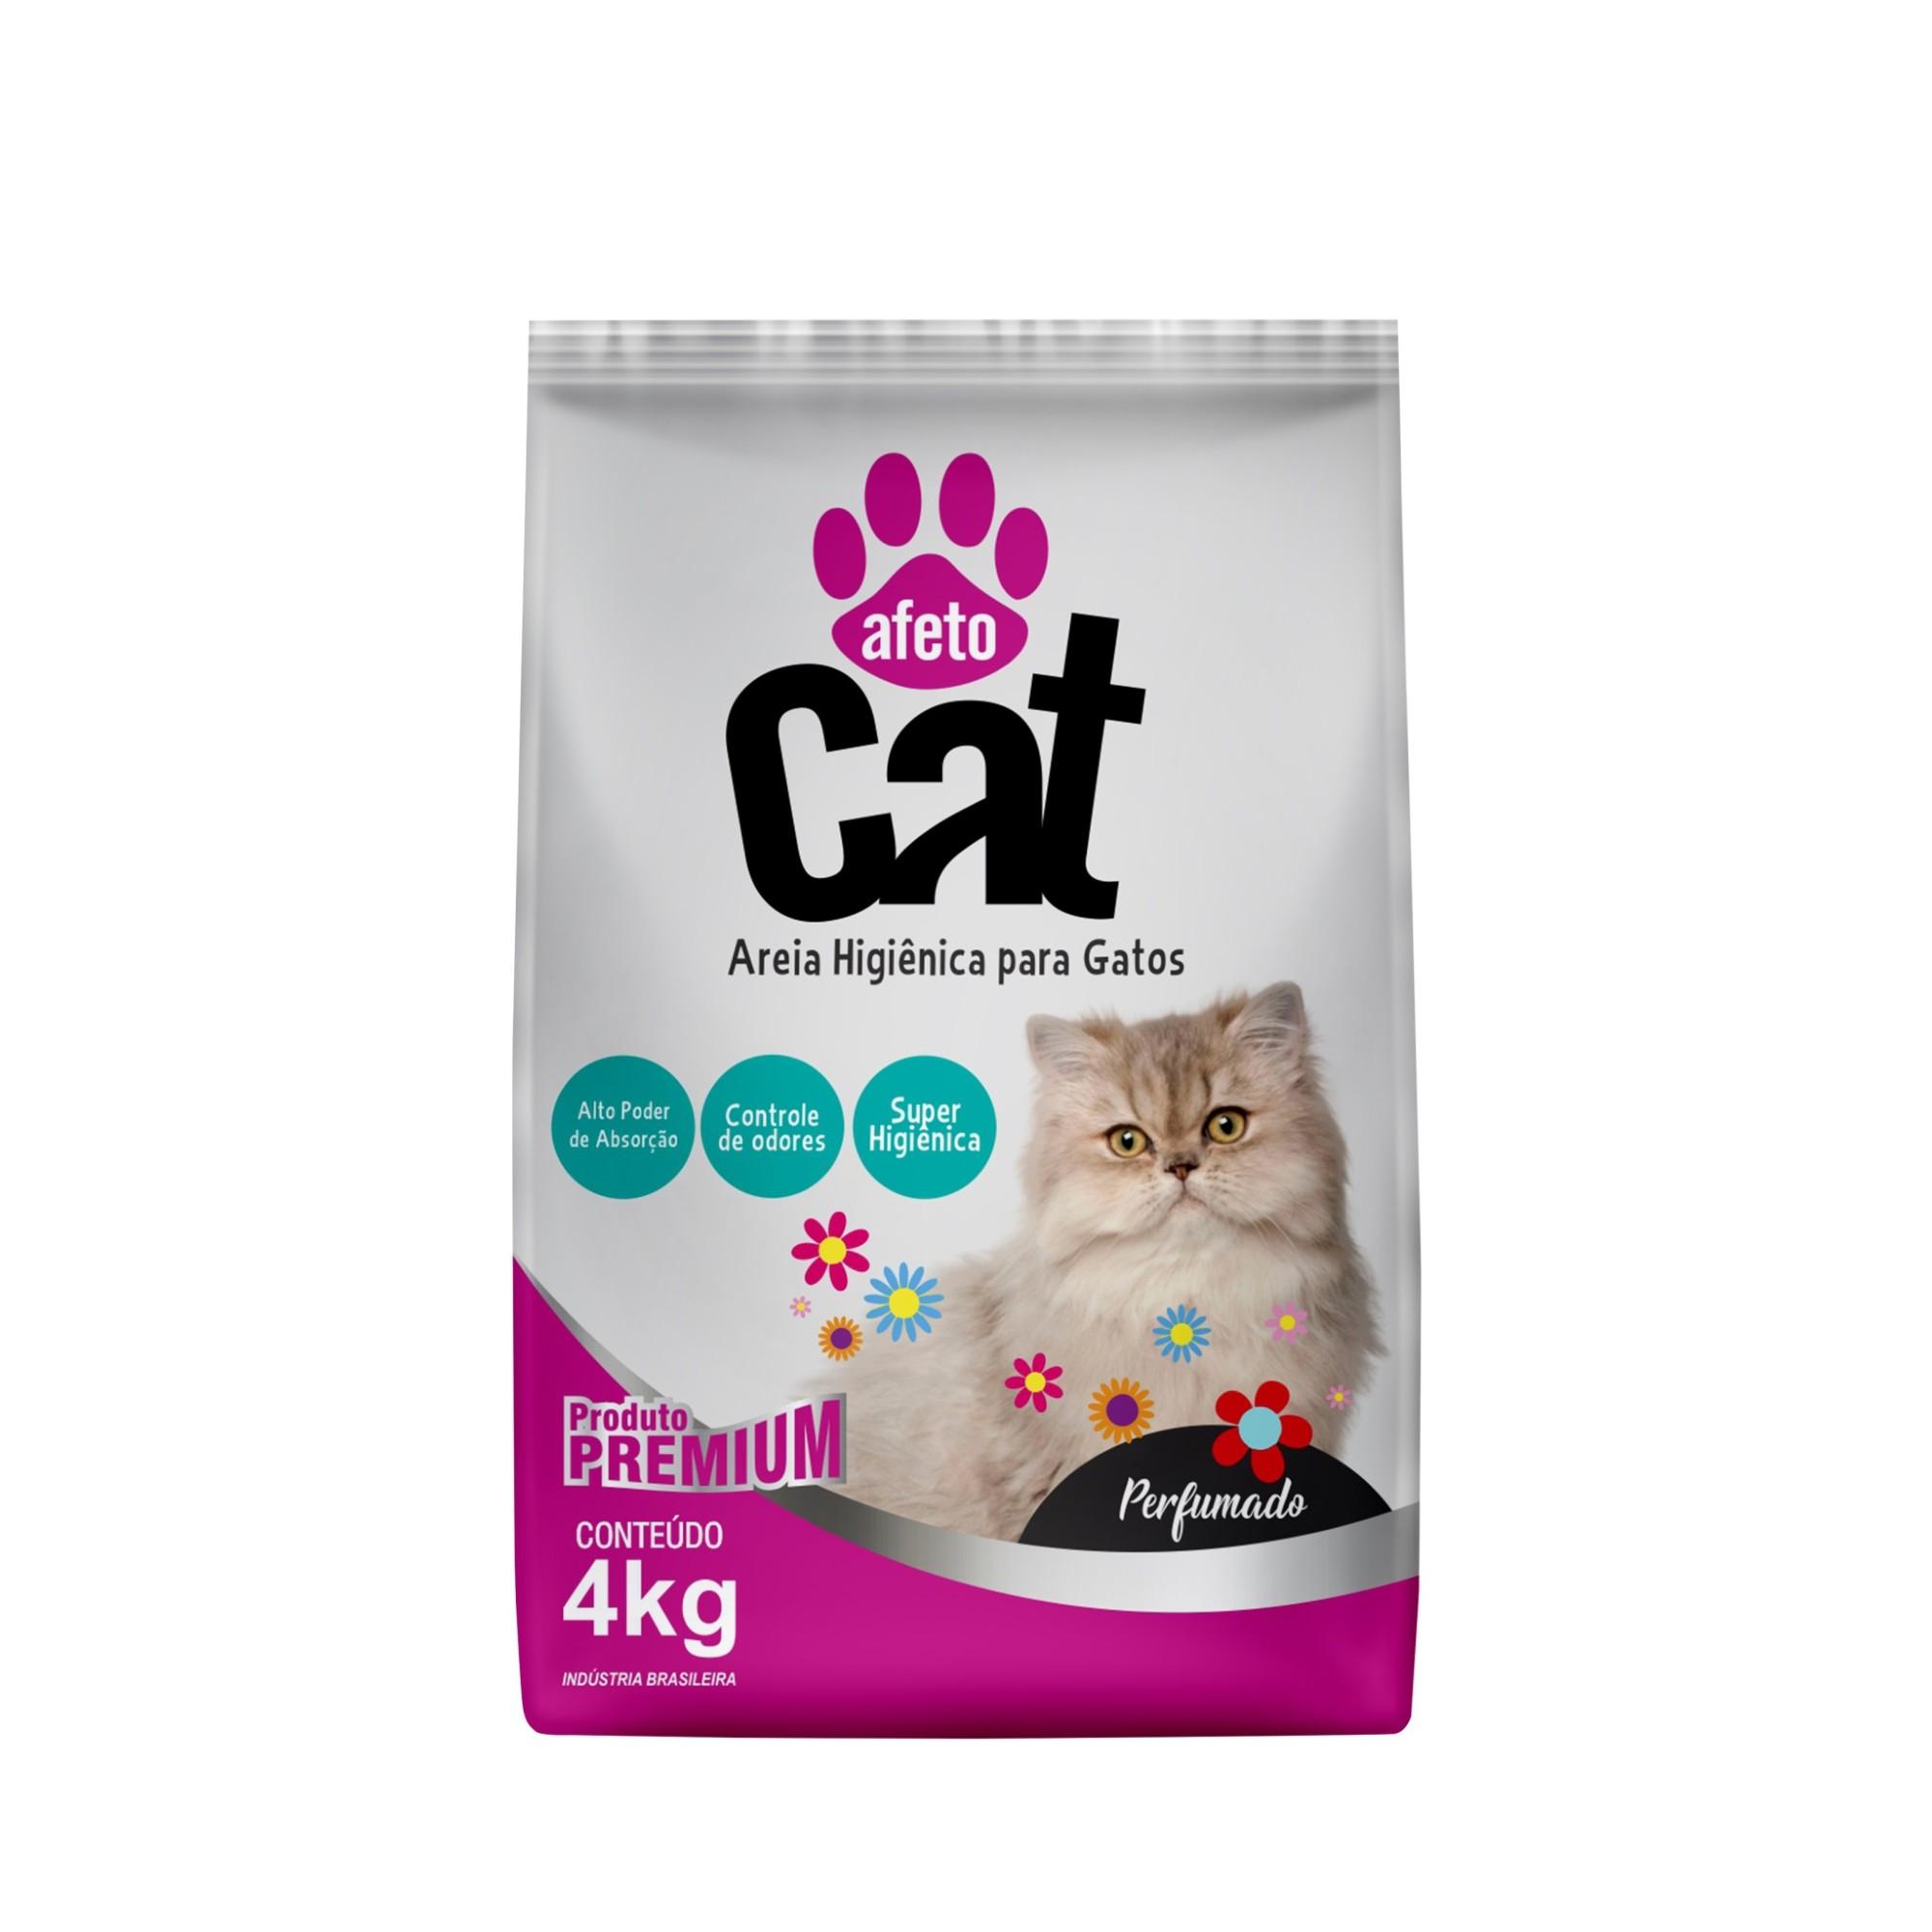 Areia Higienica para Gatos 4 Kg Perfumada - Afeto Dog